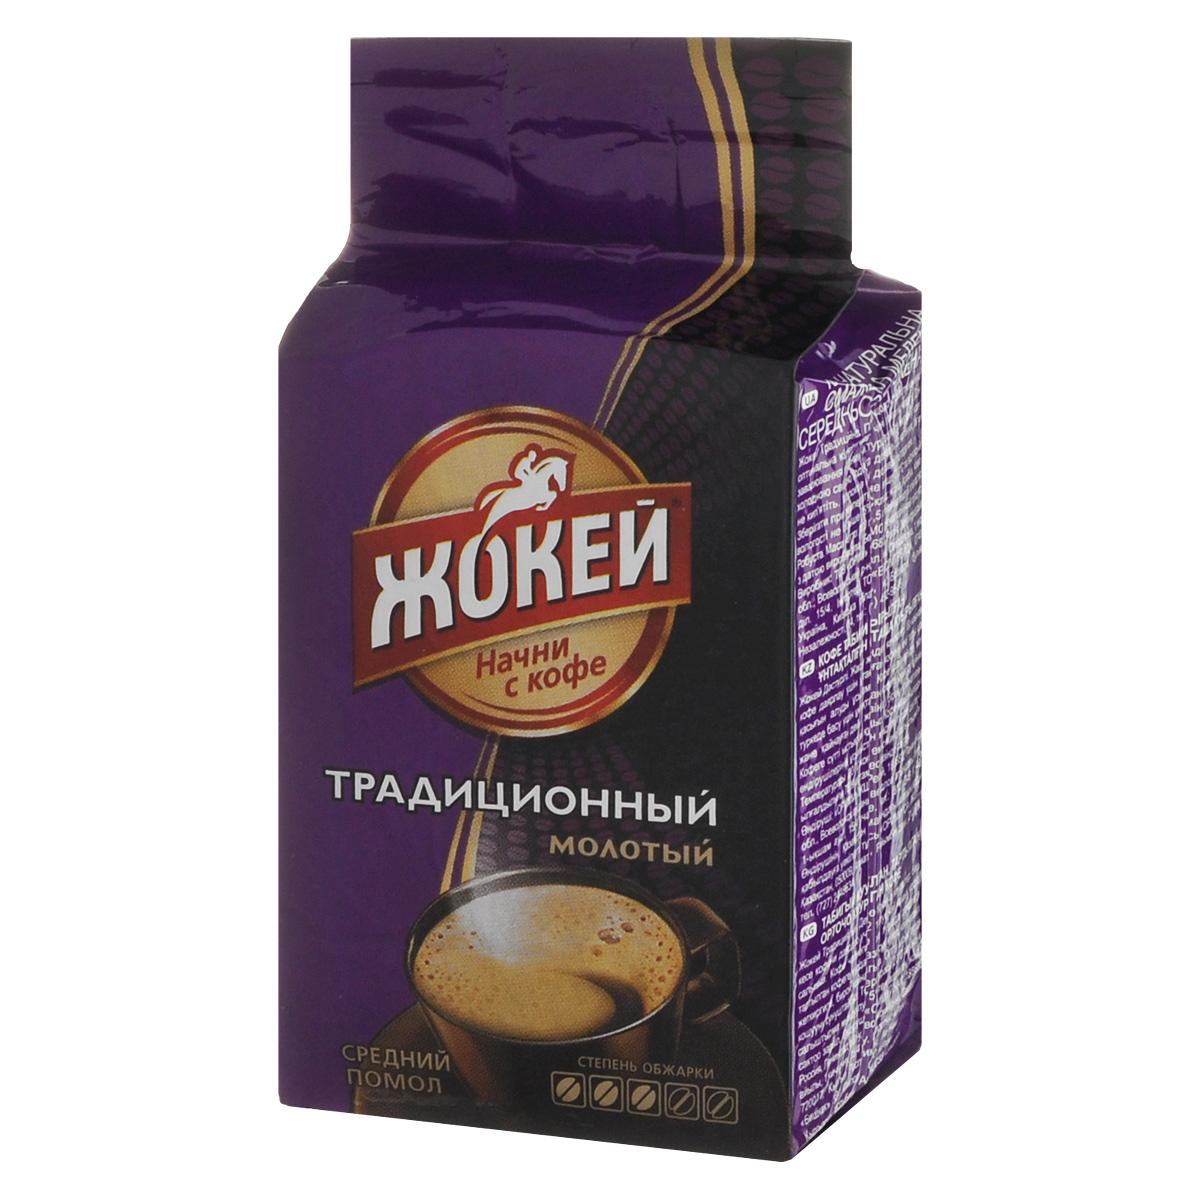 Жокей Традиционный кофе молотый, 100 г0306-42Молотый кофе Жокей Традиционный – густой и насыщенный кофе, с приятной горчинкой и легким сладковатым оттенком. Смесь зерен позволяет создать композицию, адресованную любителям настоящего крепкого кофе.